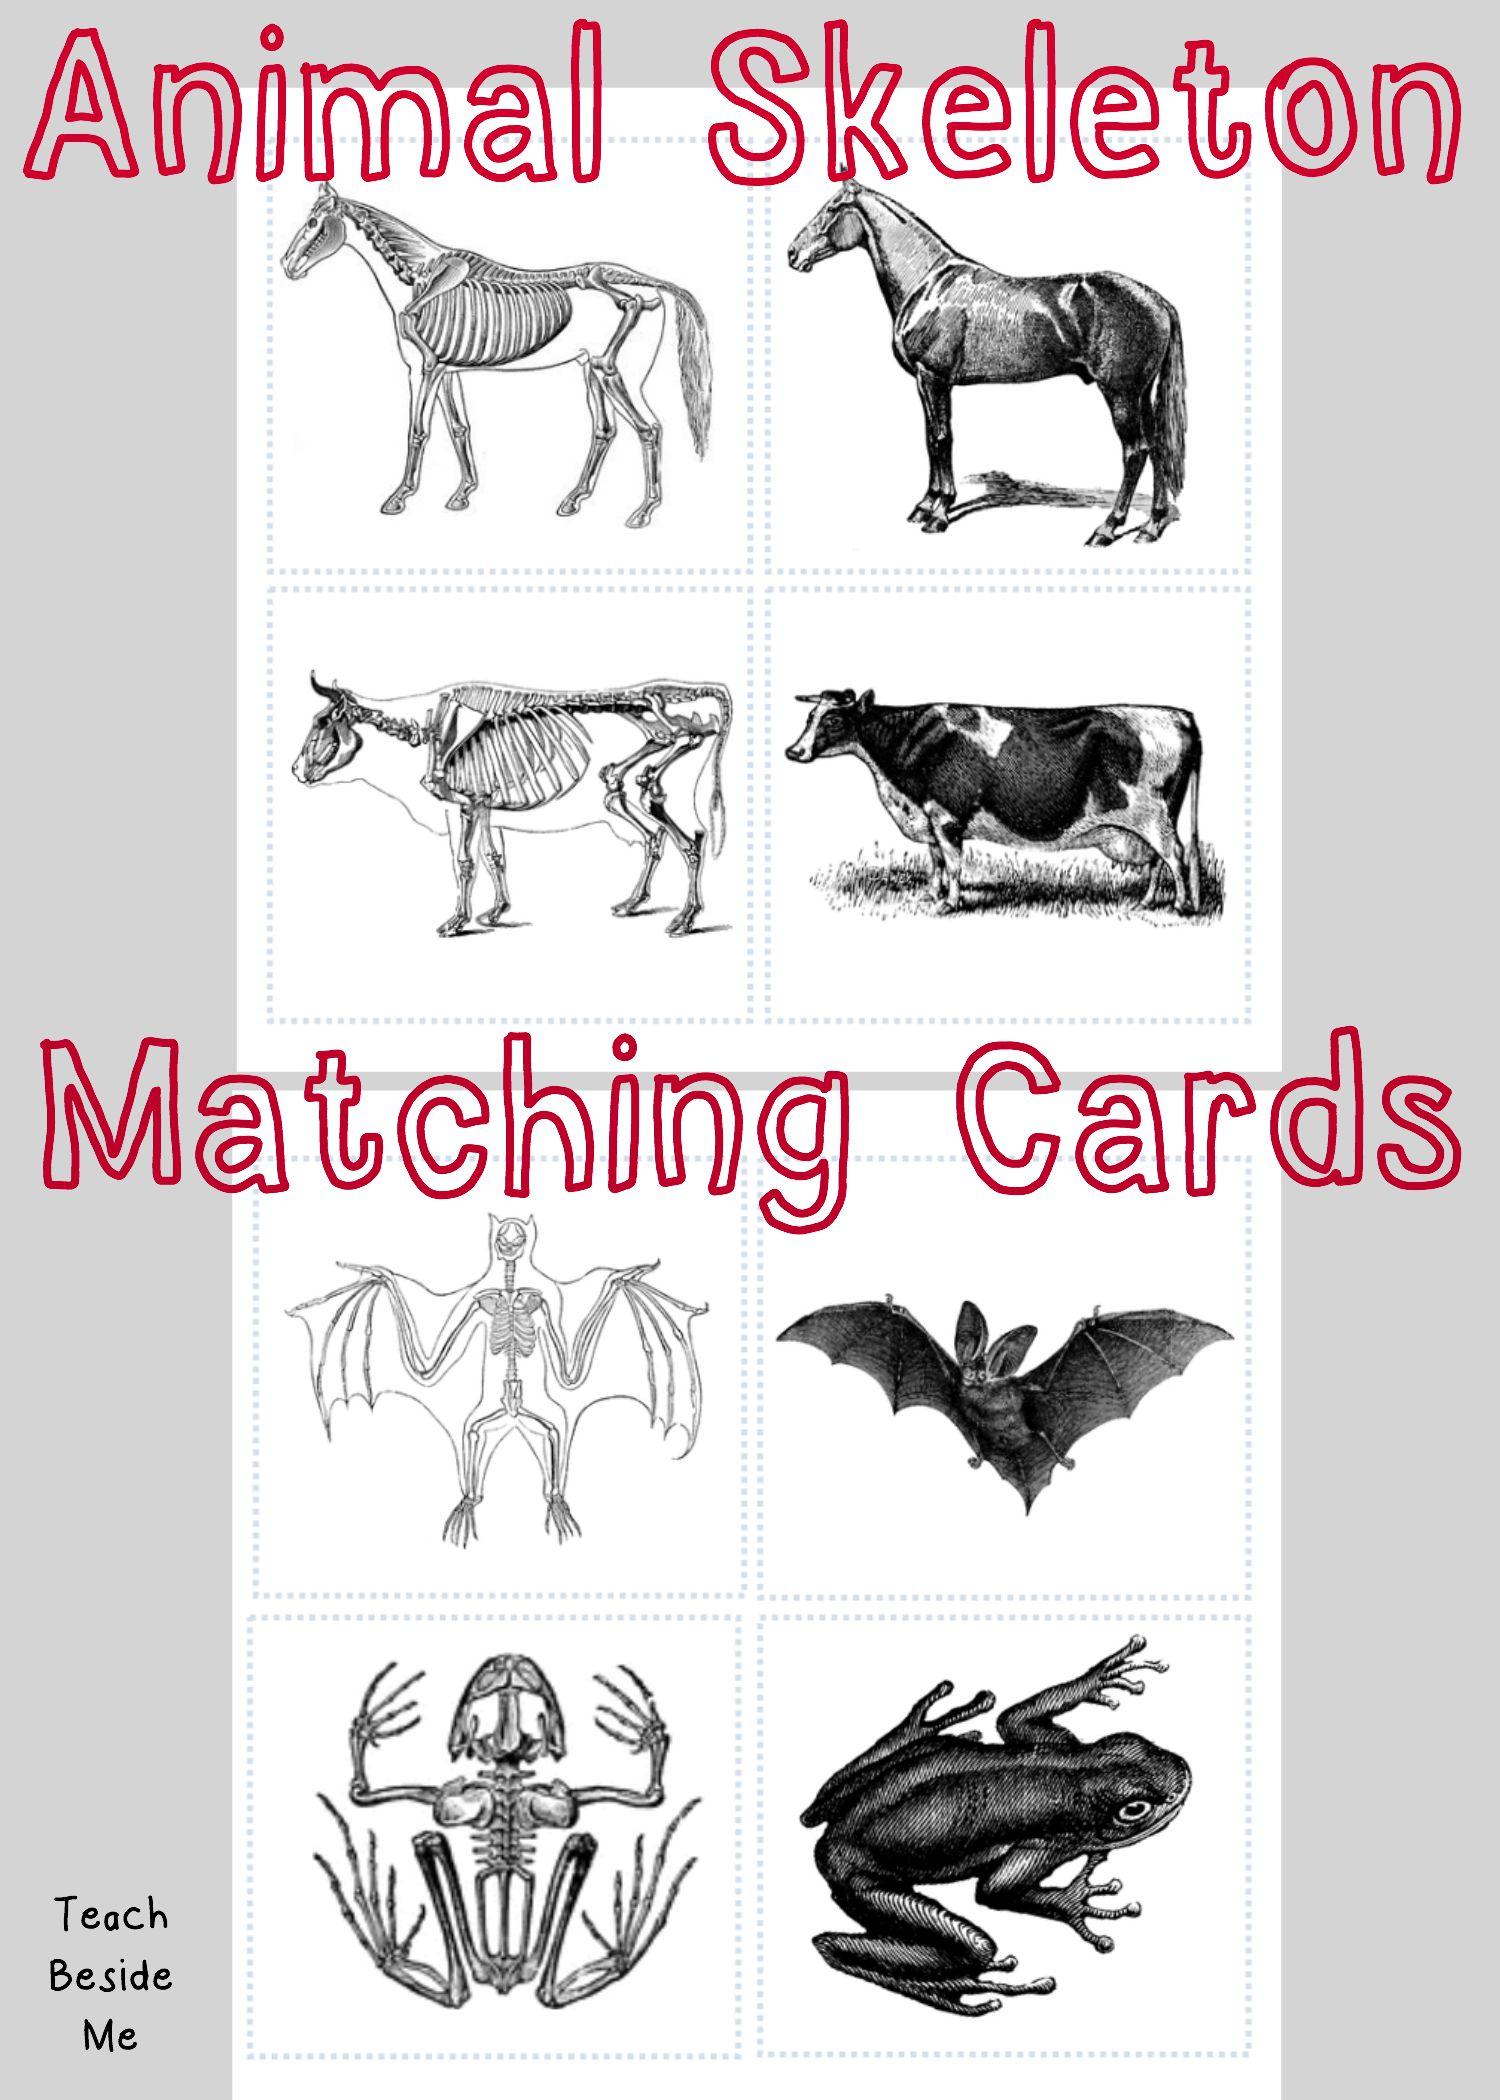 Animal Skeleton Matching Cards